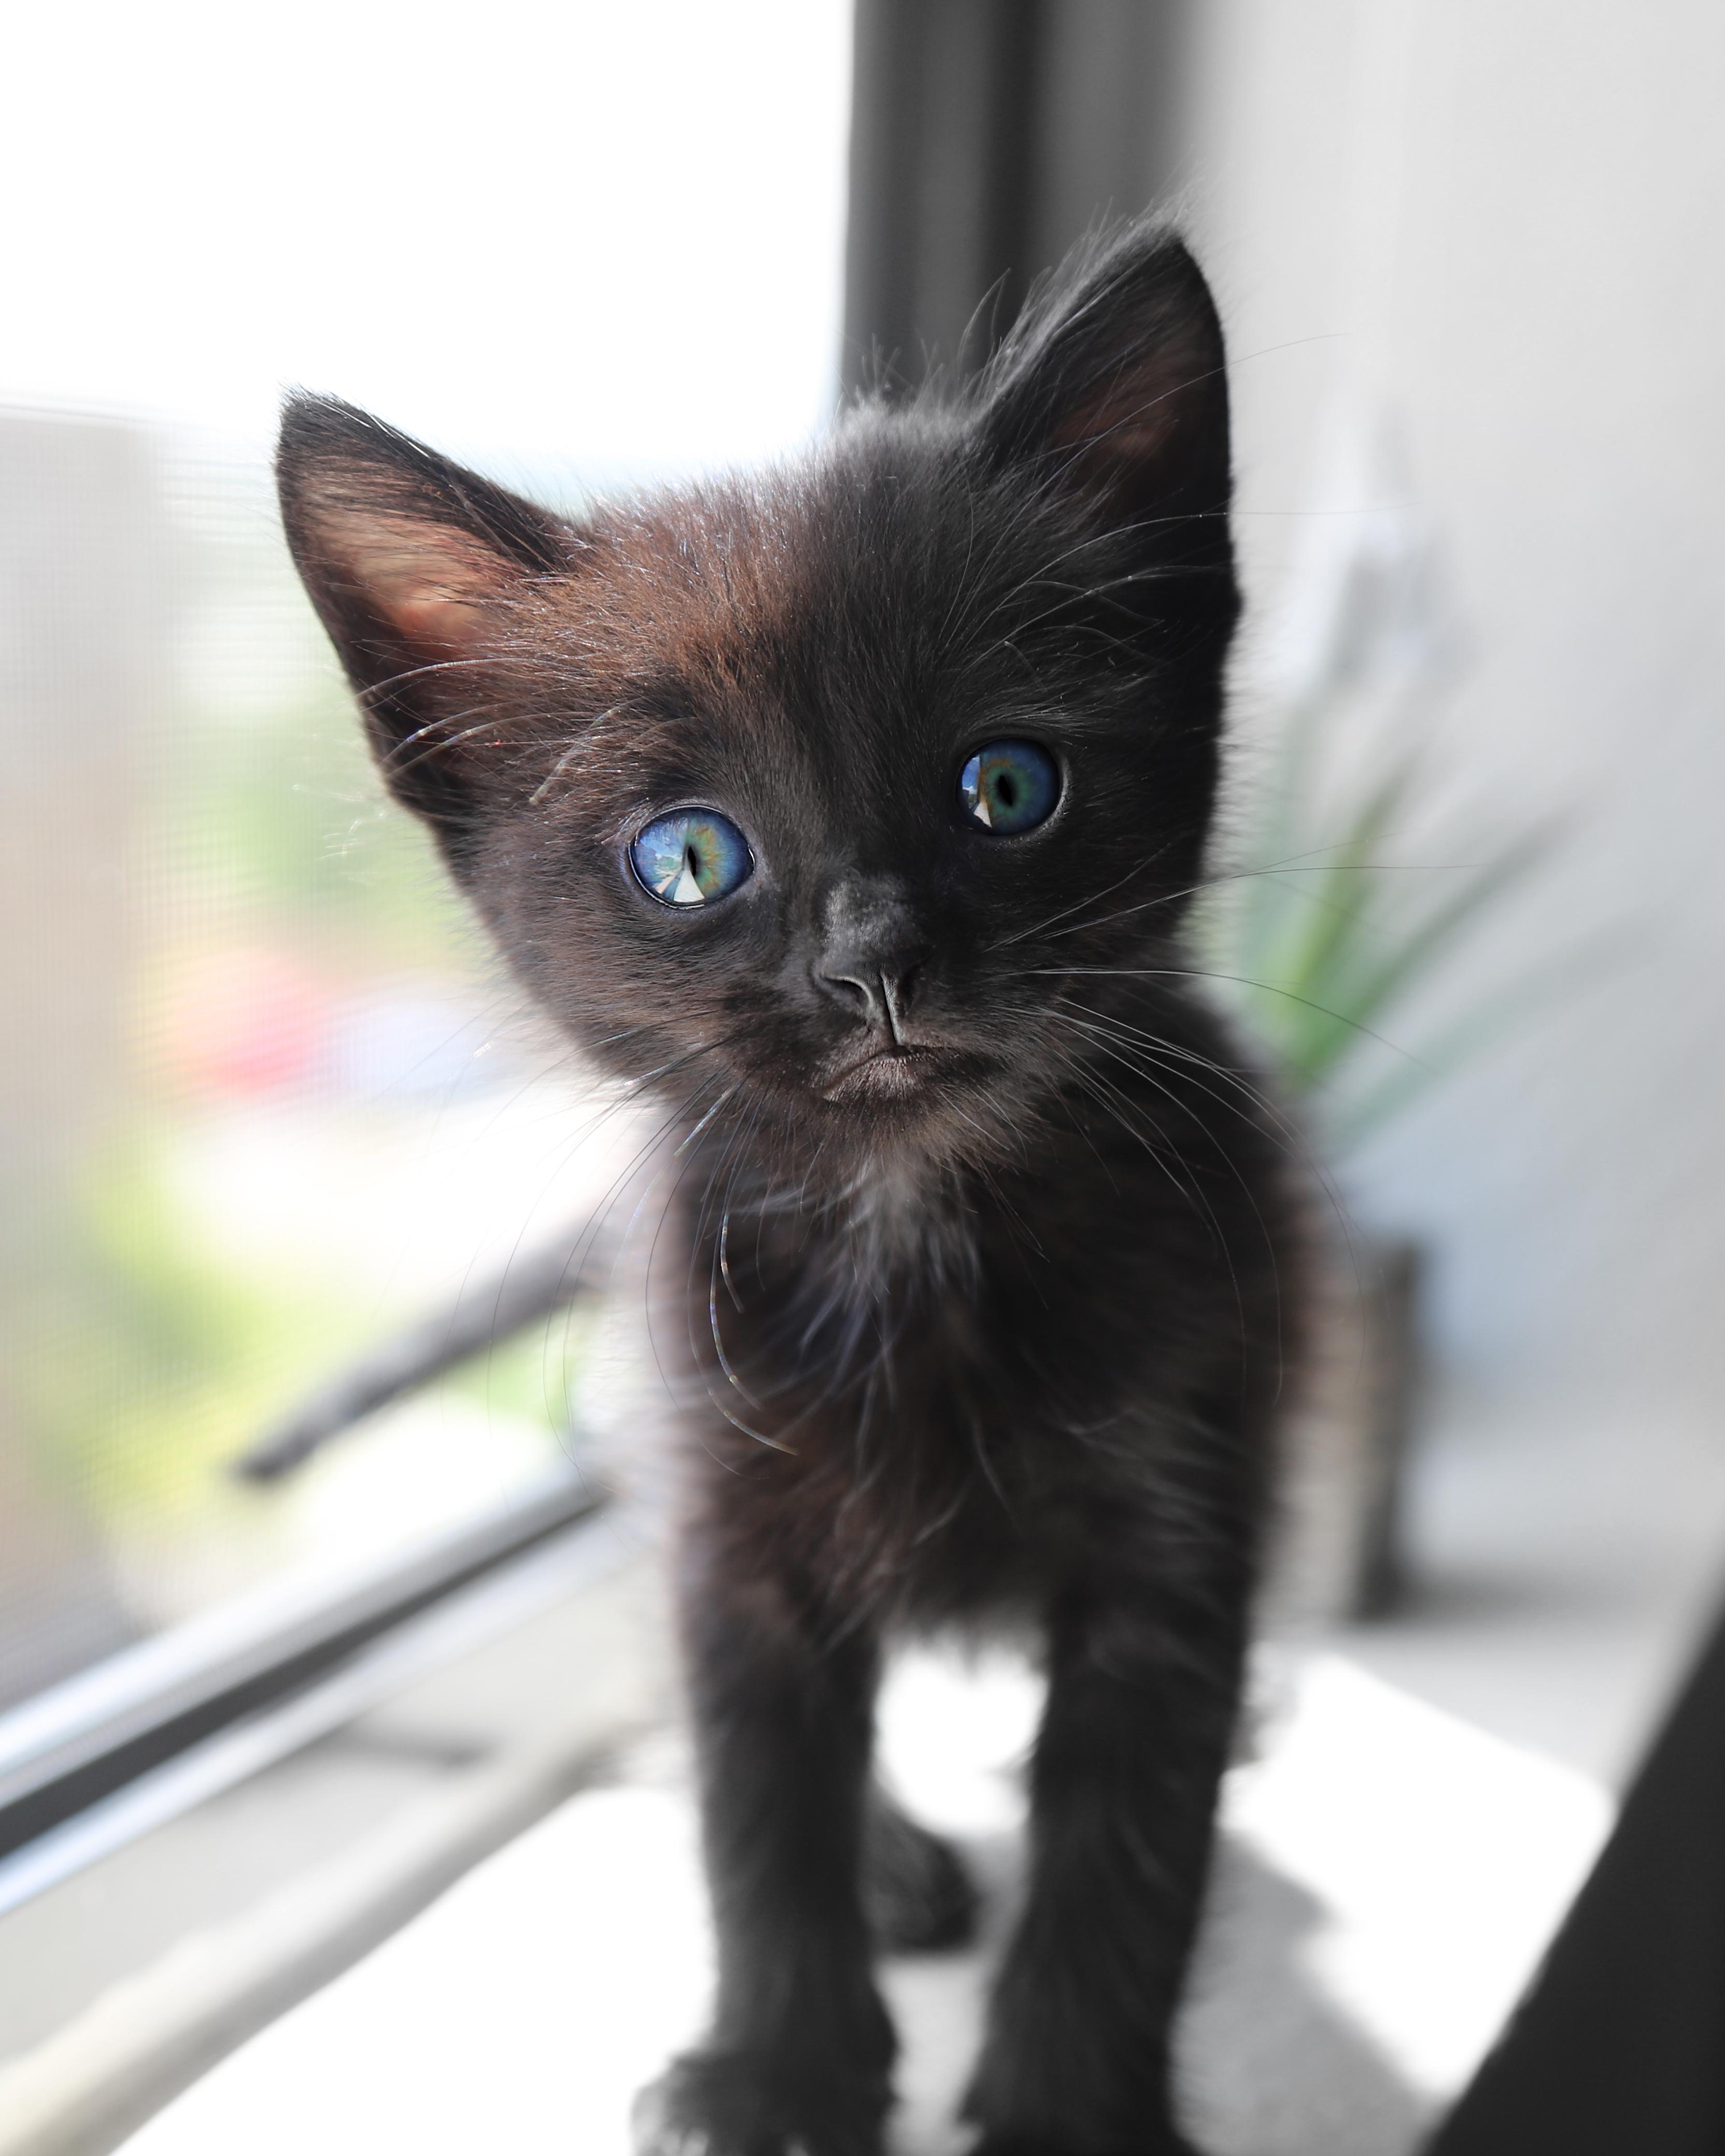 Cute cat image